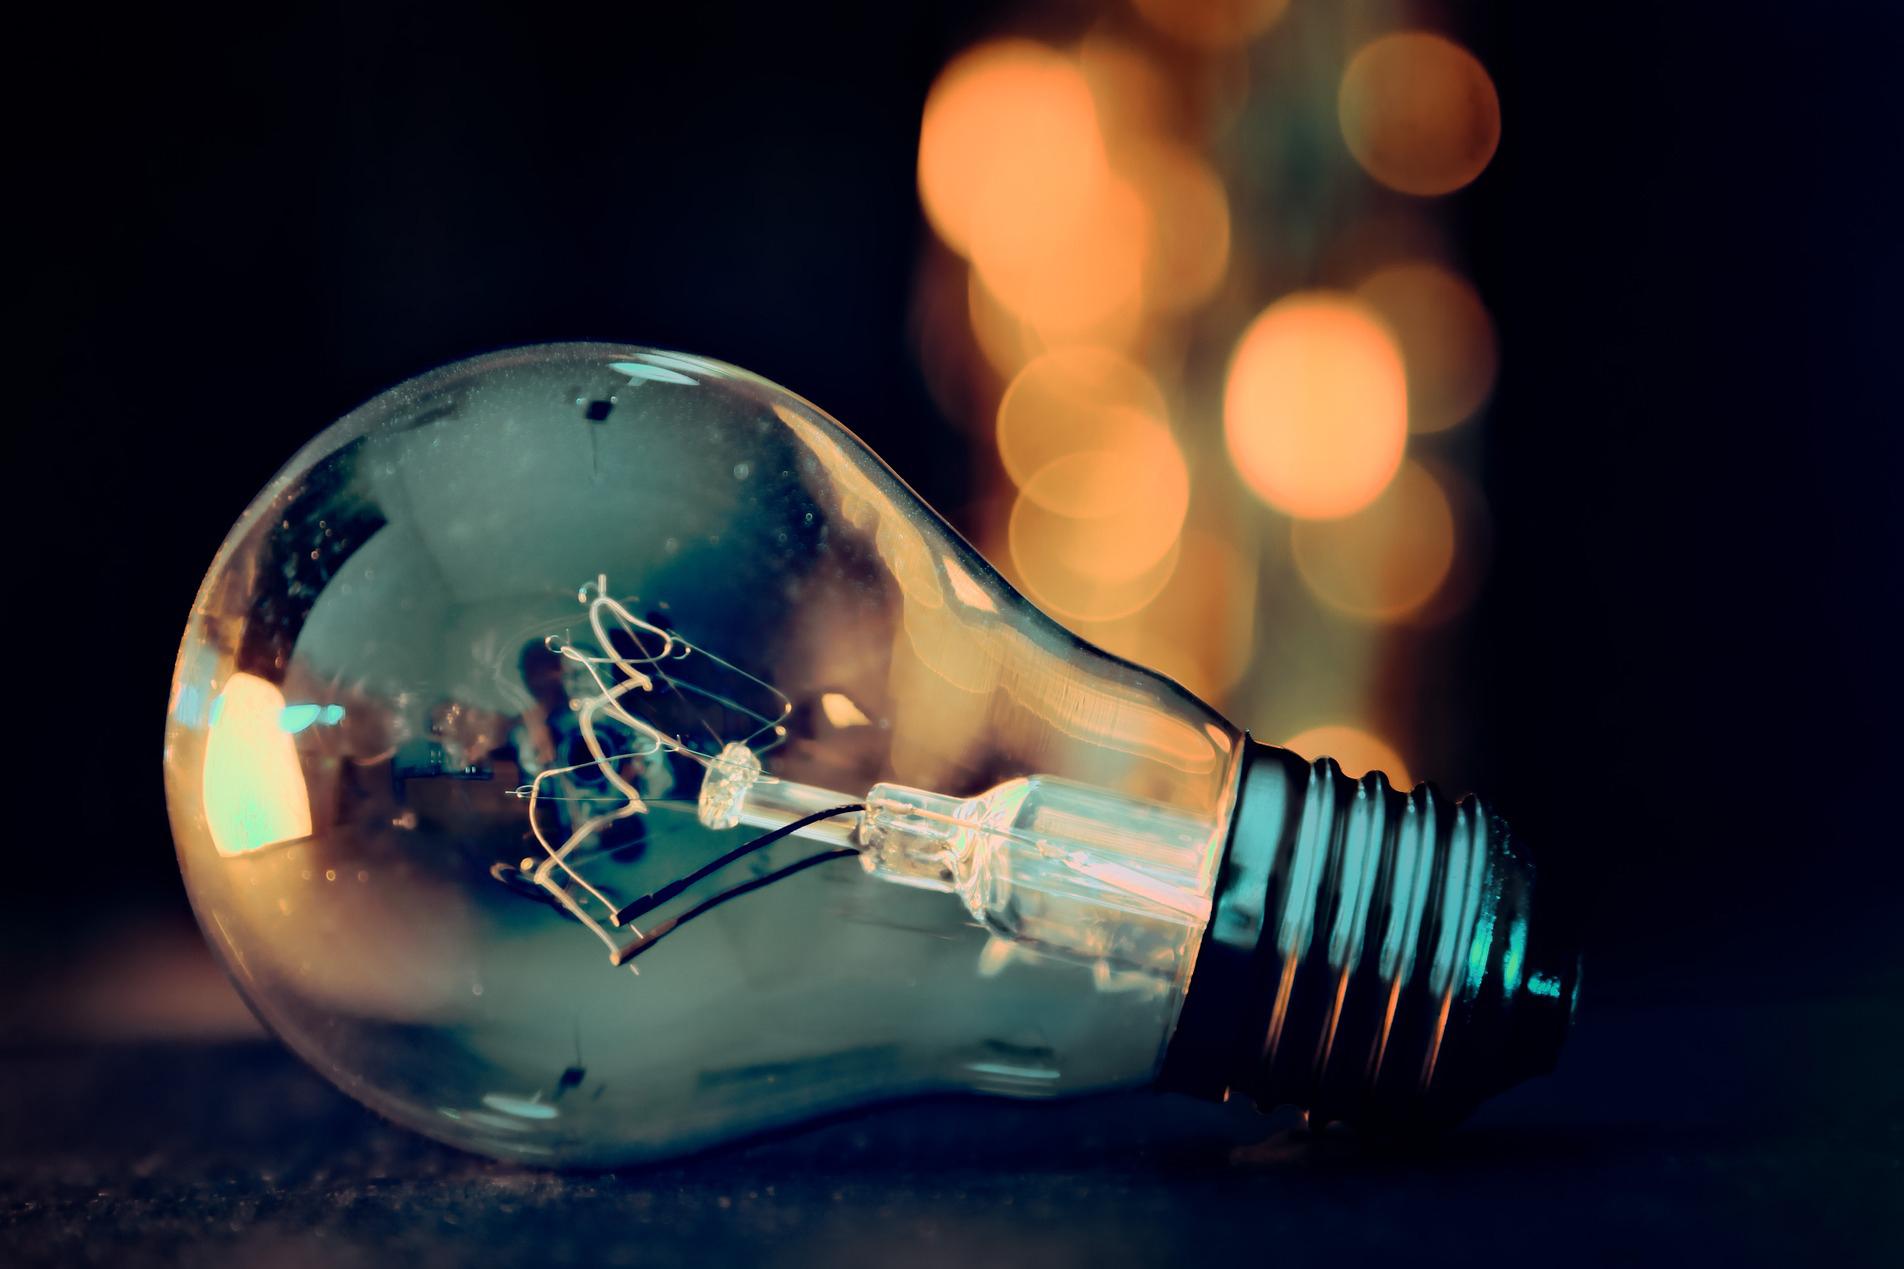 Минэнерго РФ предоставило данные энергопотребления за 2020 год